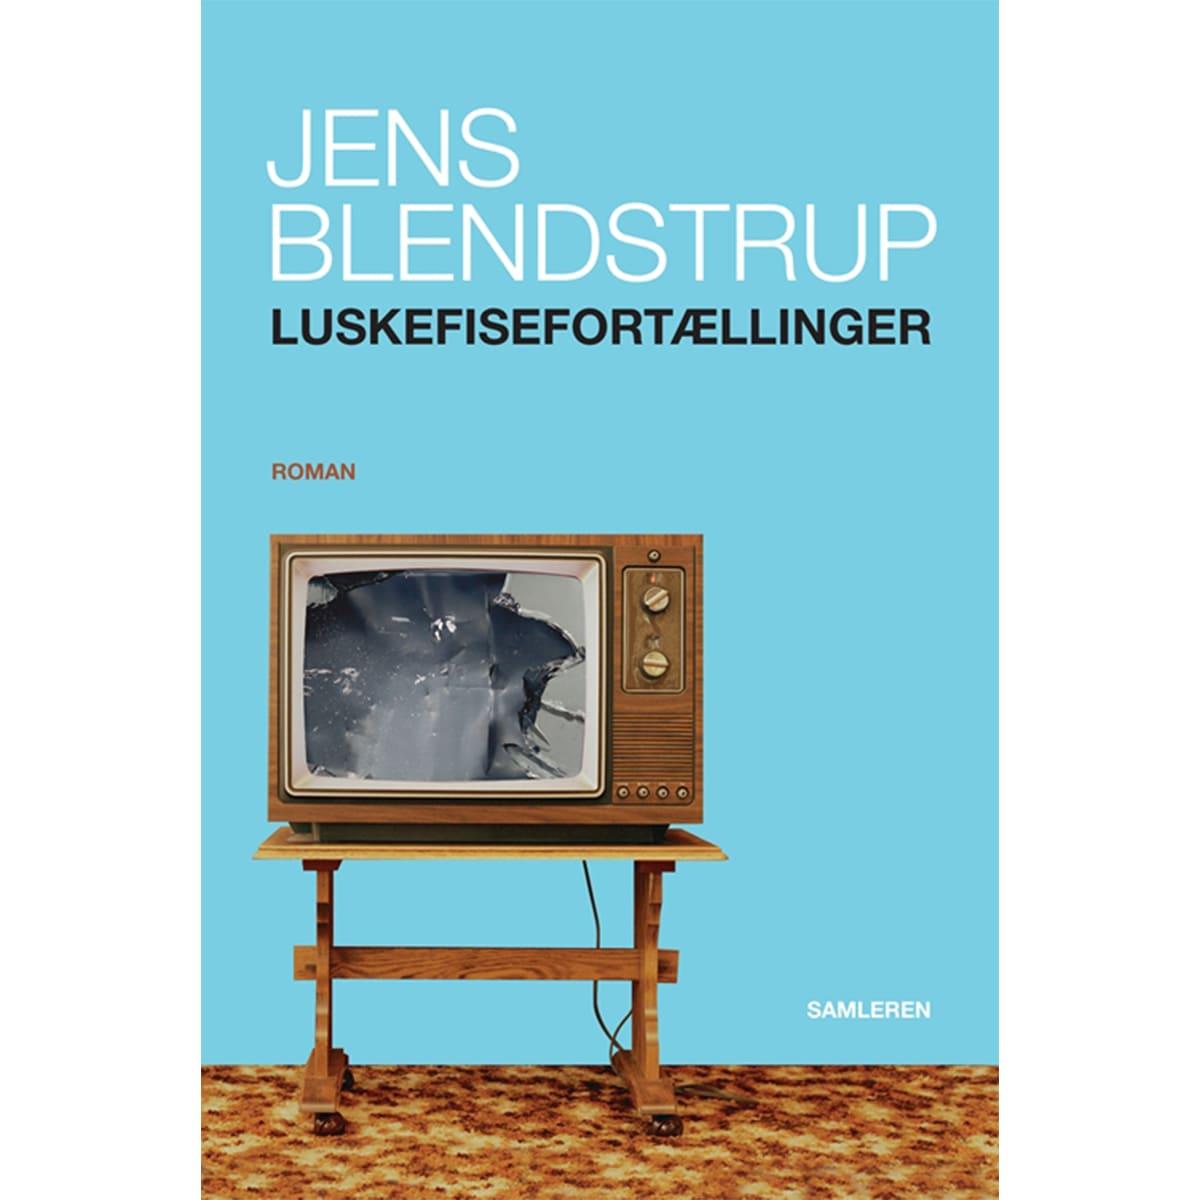 Af Jens Blendstrup